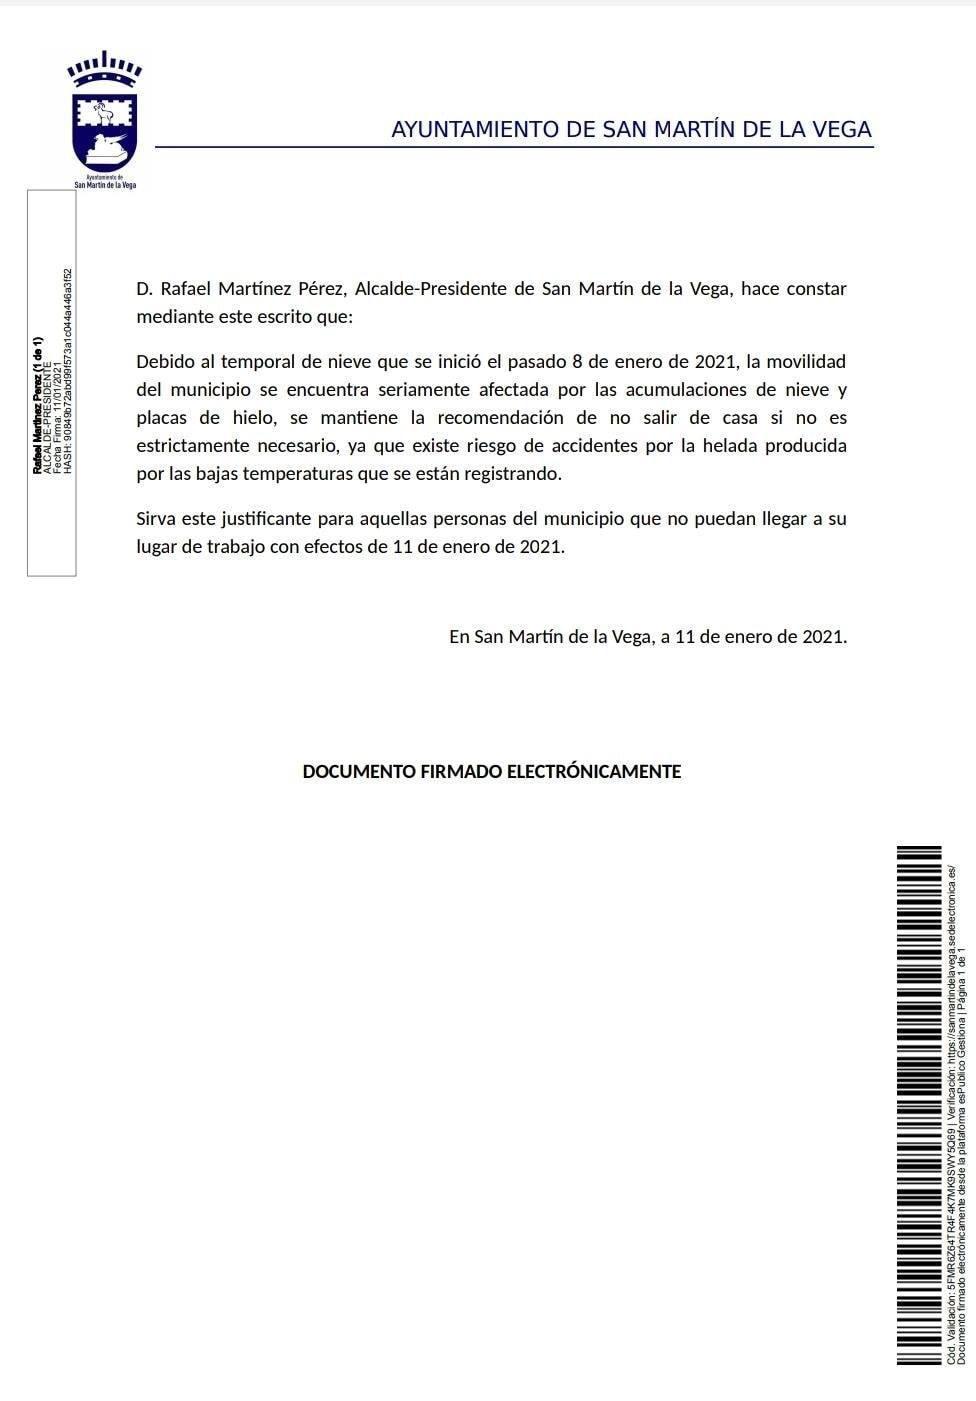 Justificante genérico por imposibilidad de desplazamiento 11/01/2021